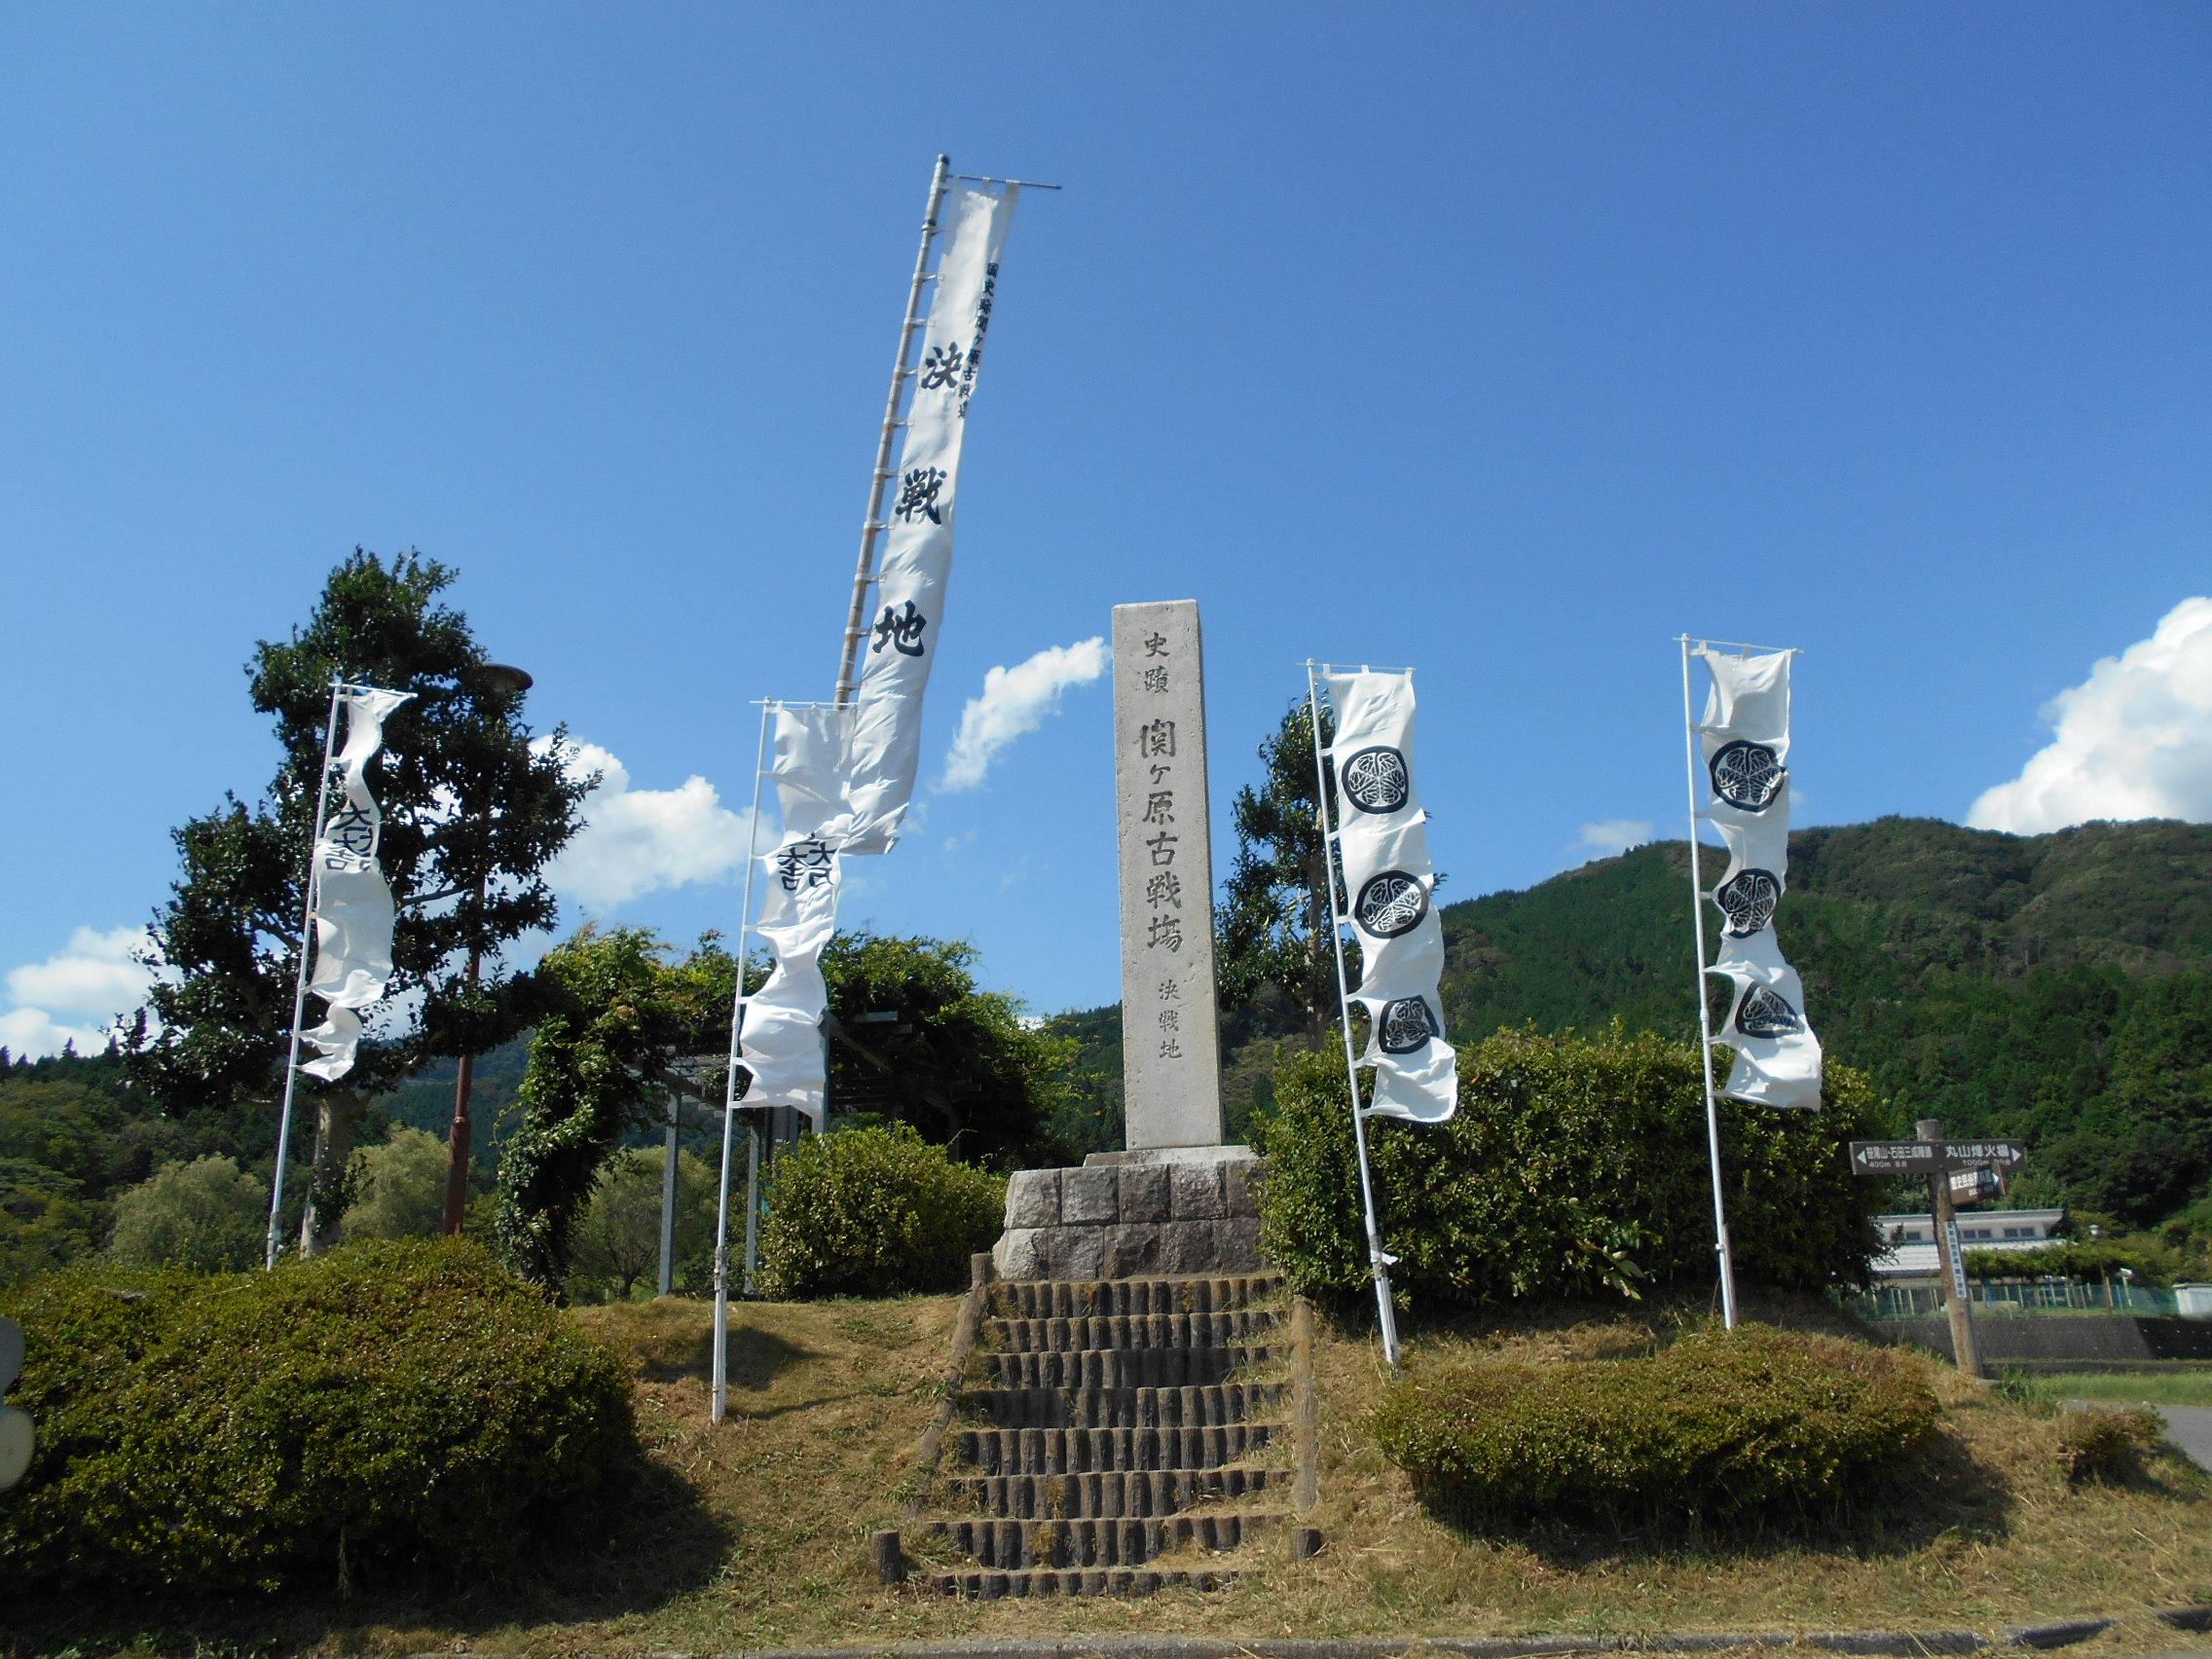 関ヶ原の観光おすすめスポットは?宿泊や食事をするならどこ?